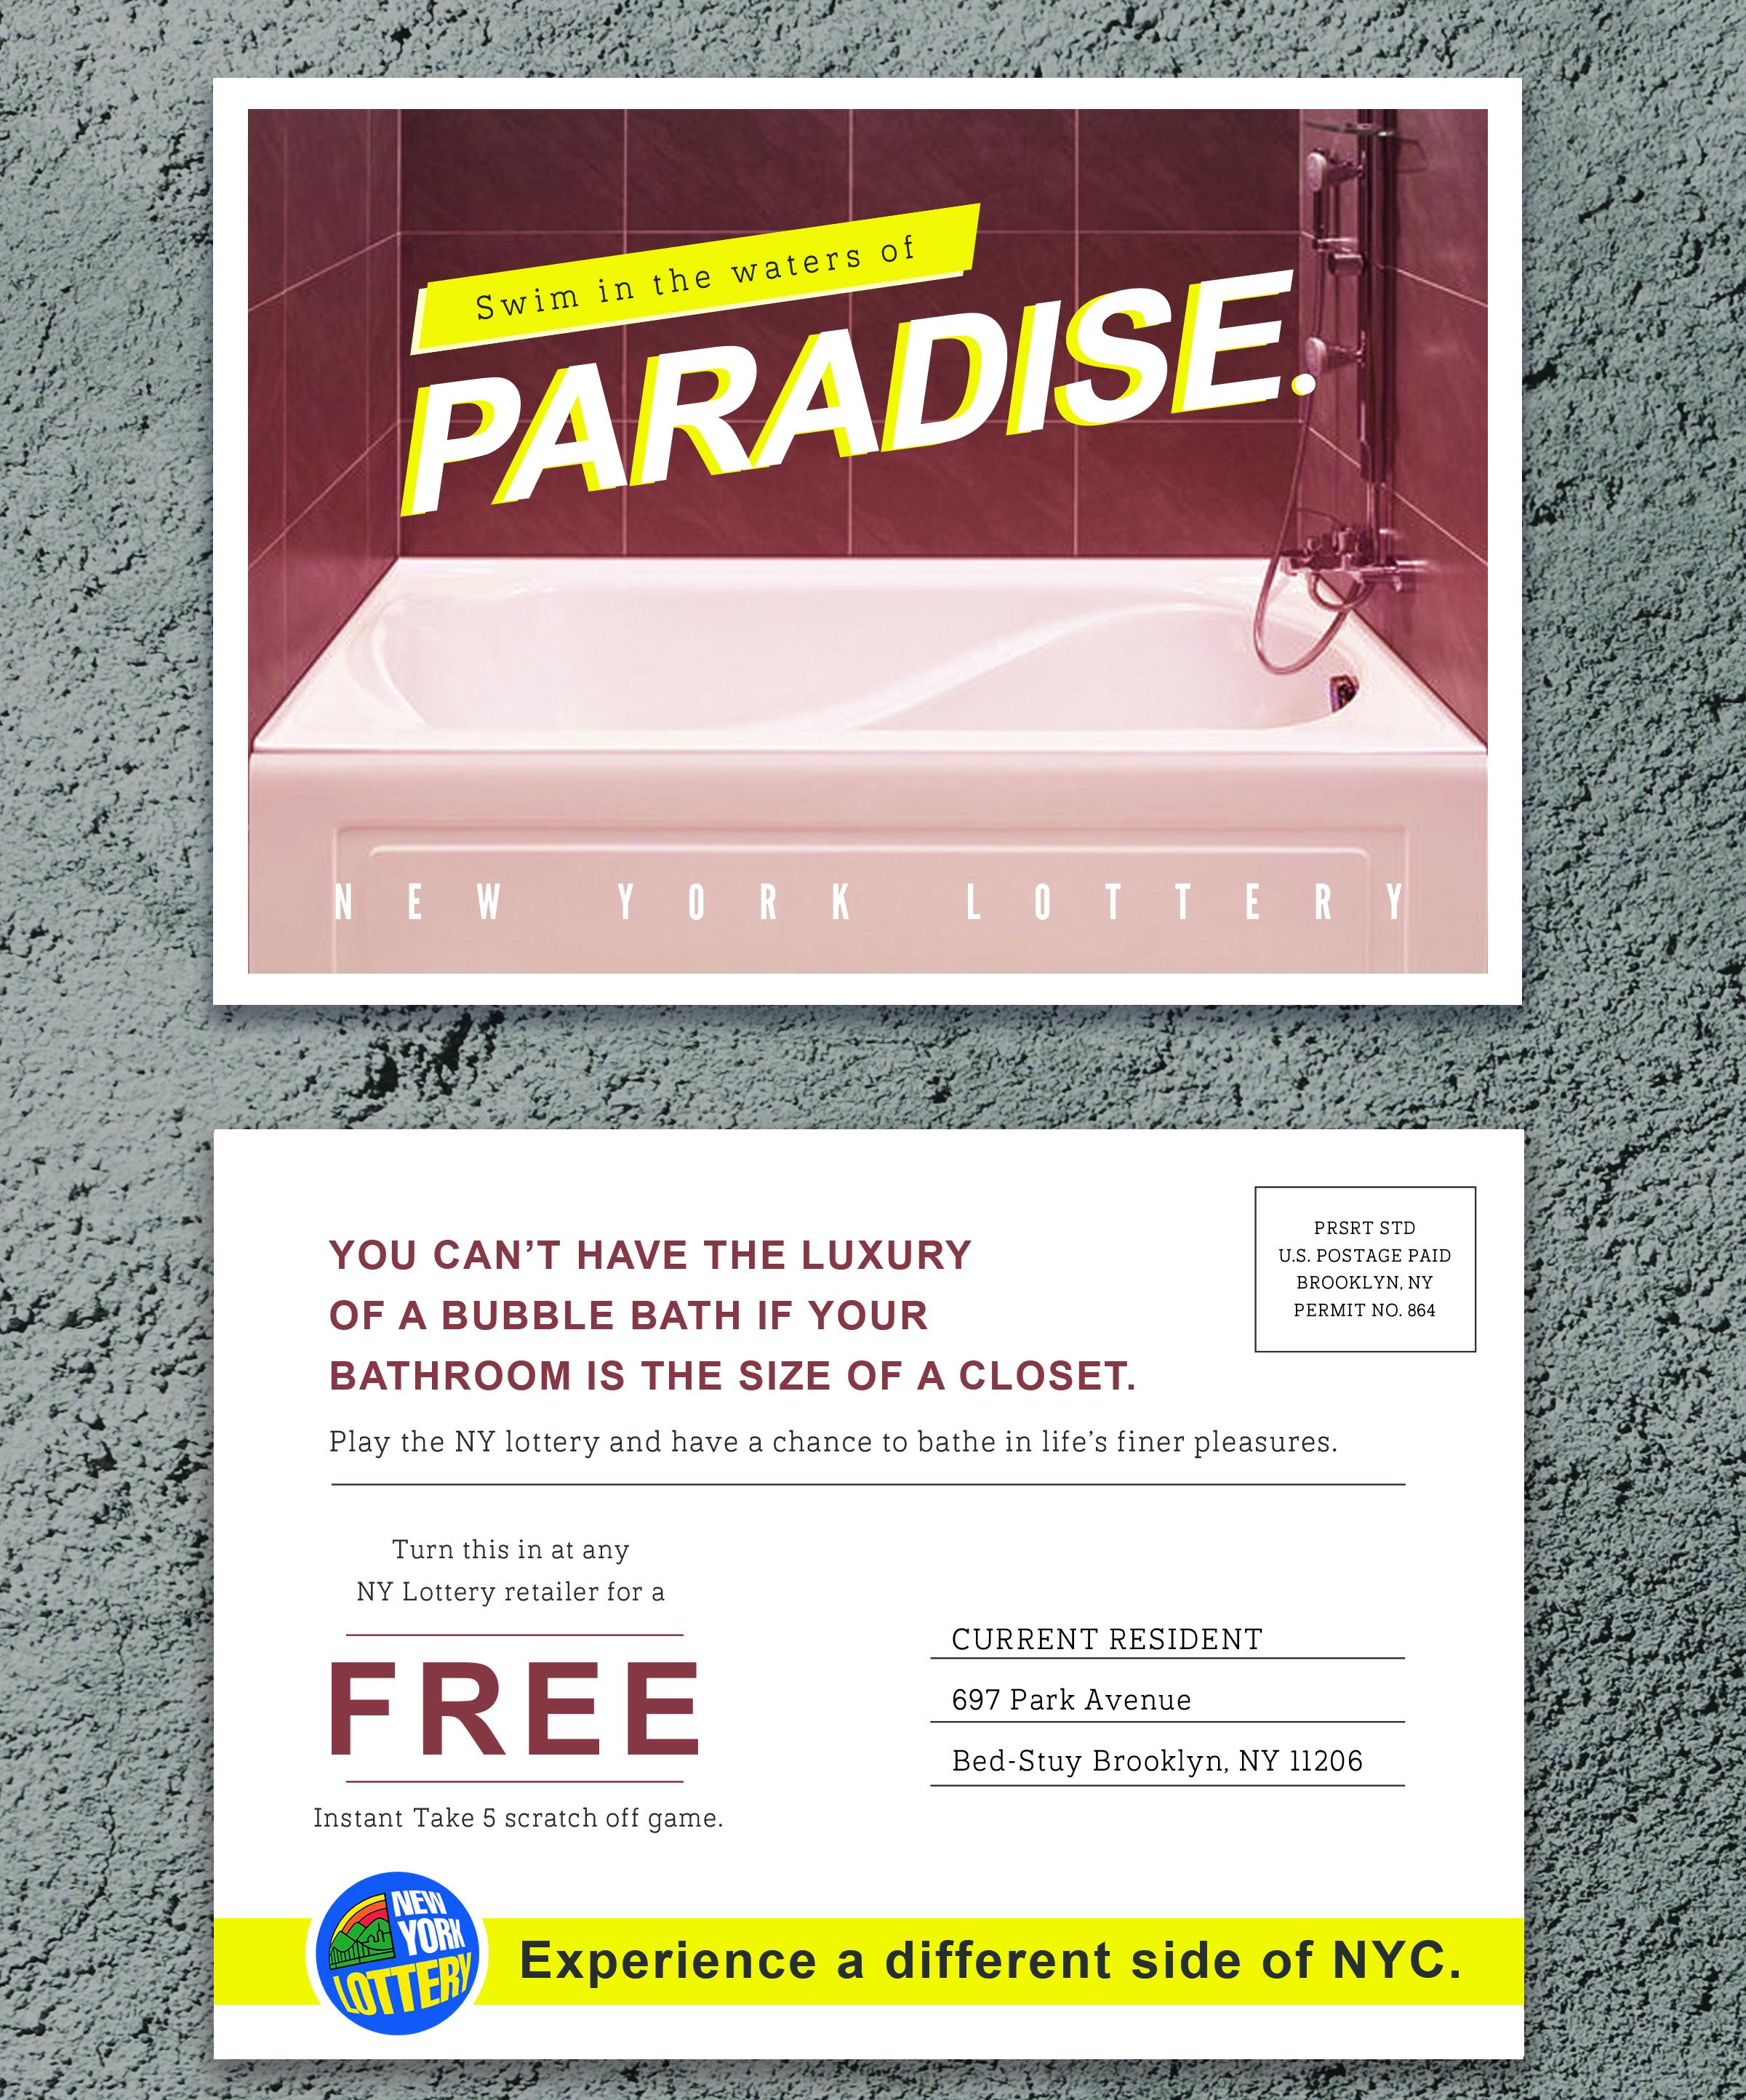 NY+Lottery_Direct_Mailer_Edits_Paradise.jpg